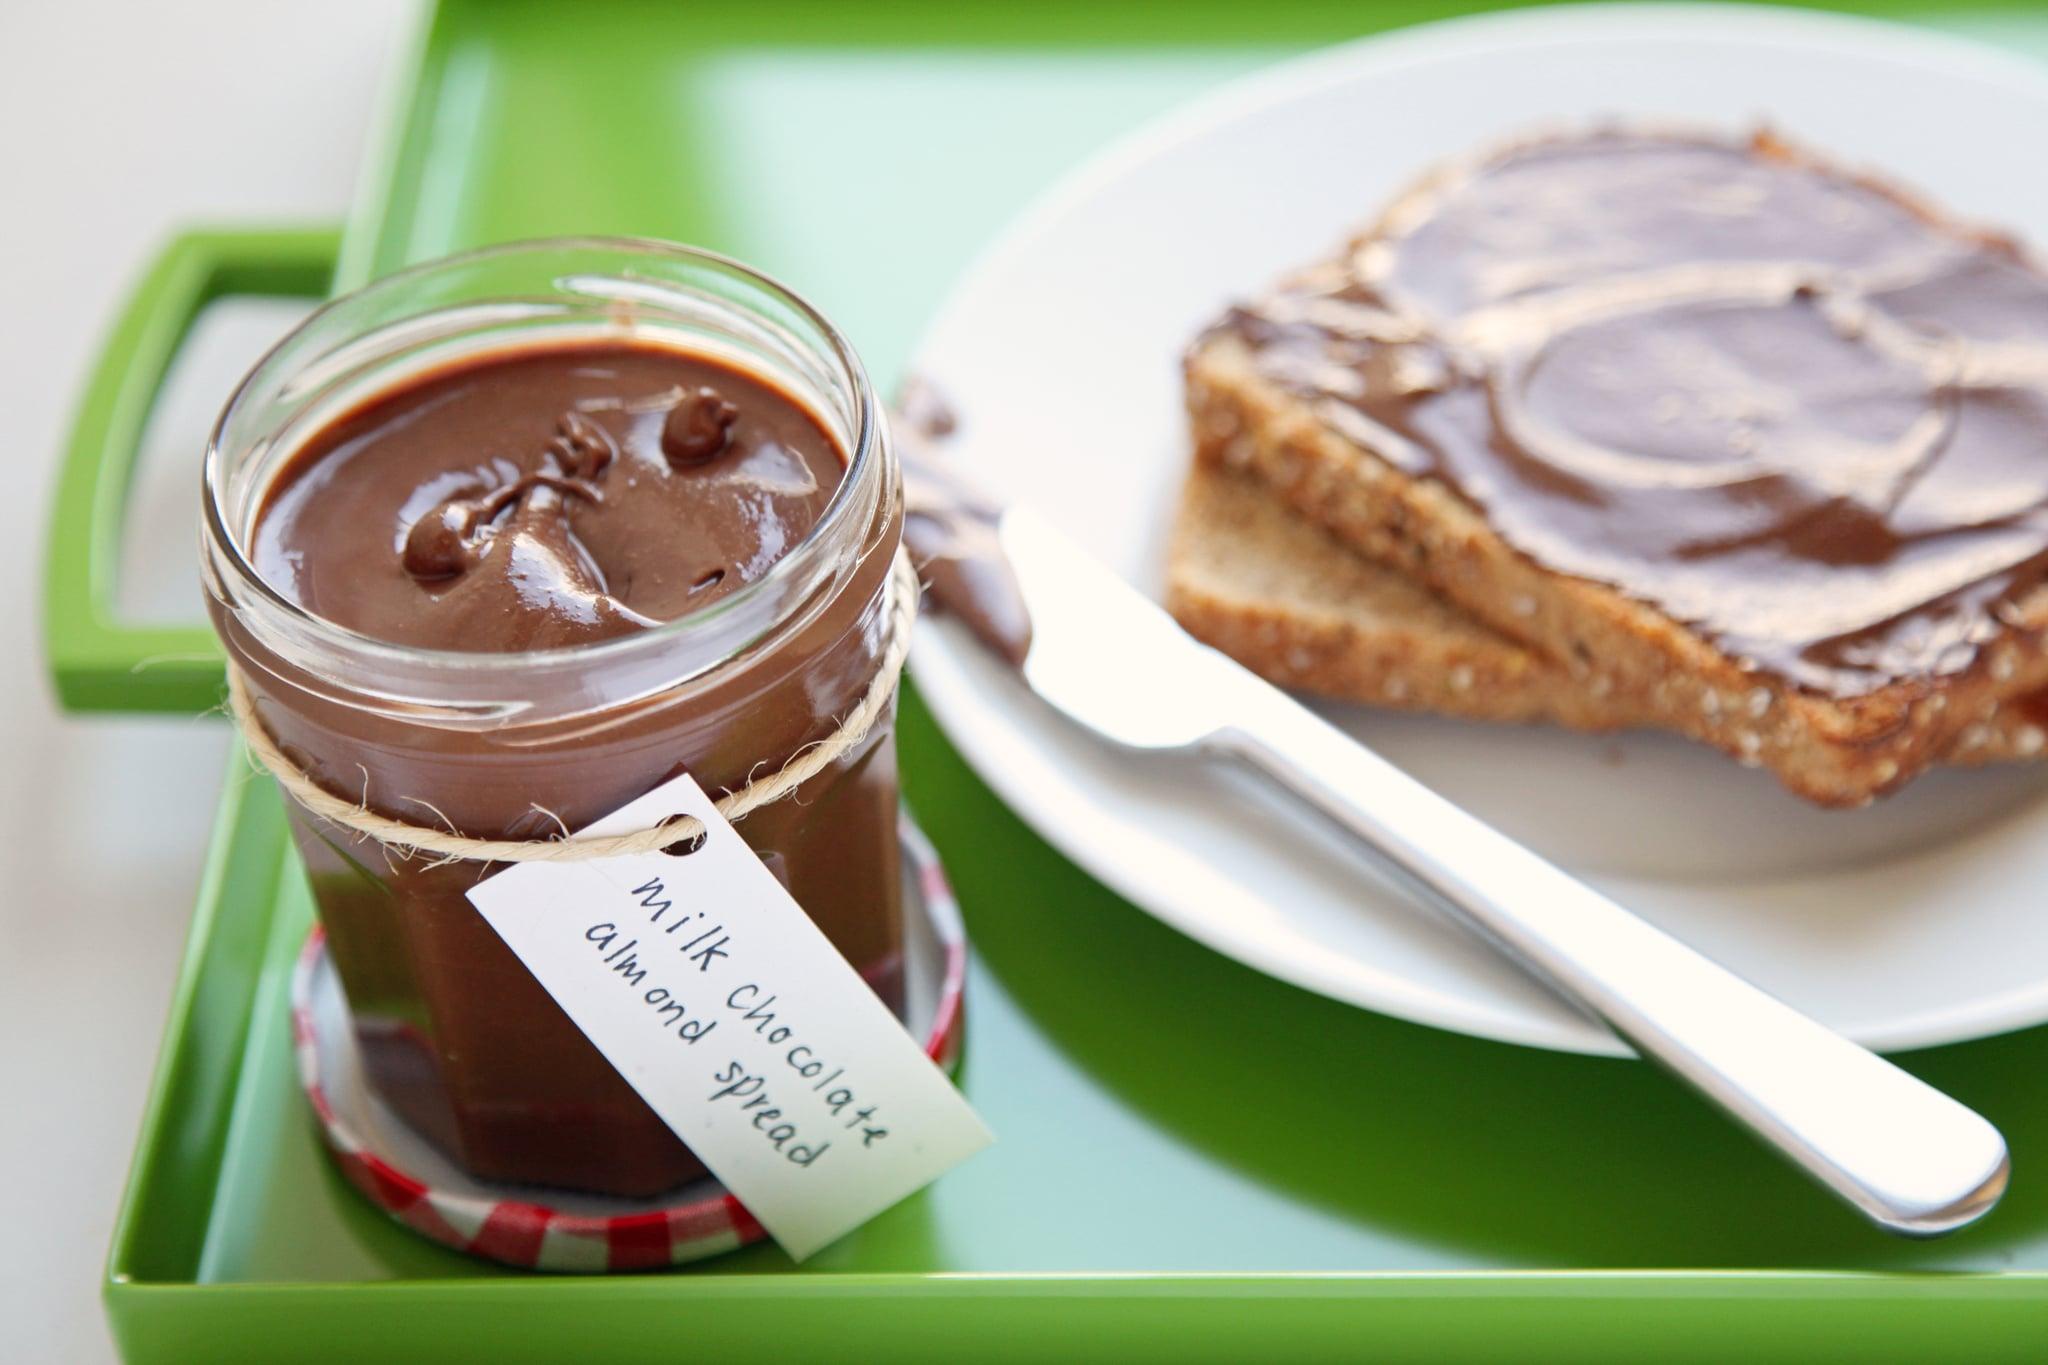 Almond Nutella